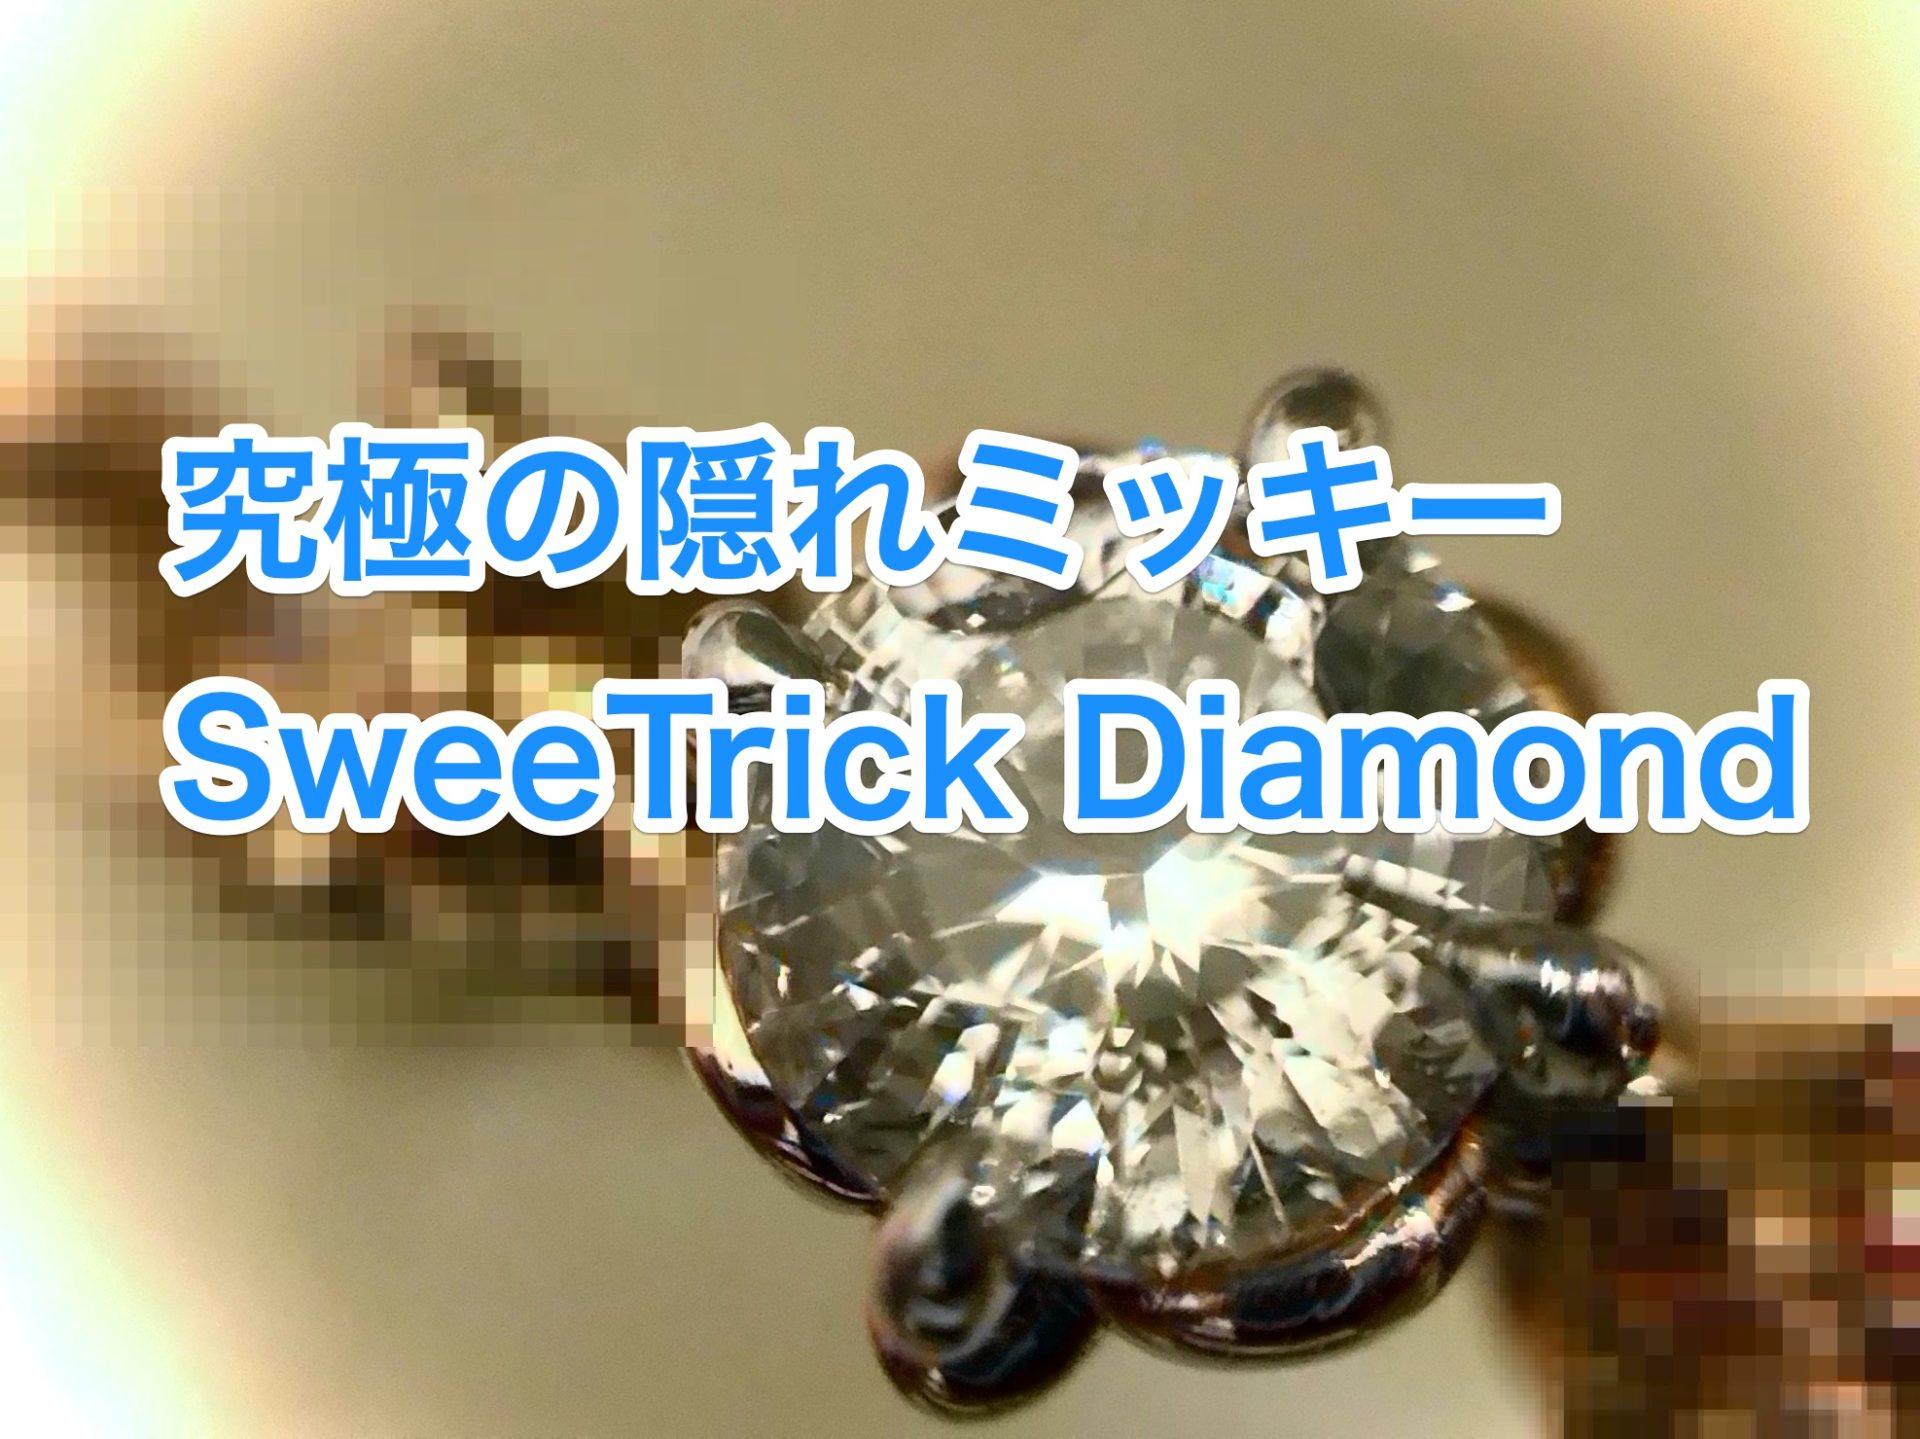 究極の隠れミッキー!全ディズニー好きに知って欲しい、ケイウノのSweeTrickダイヤモンド。